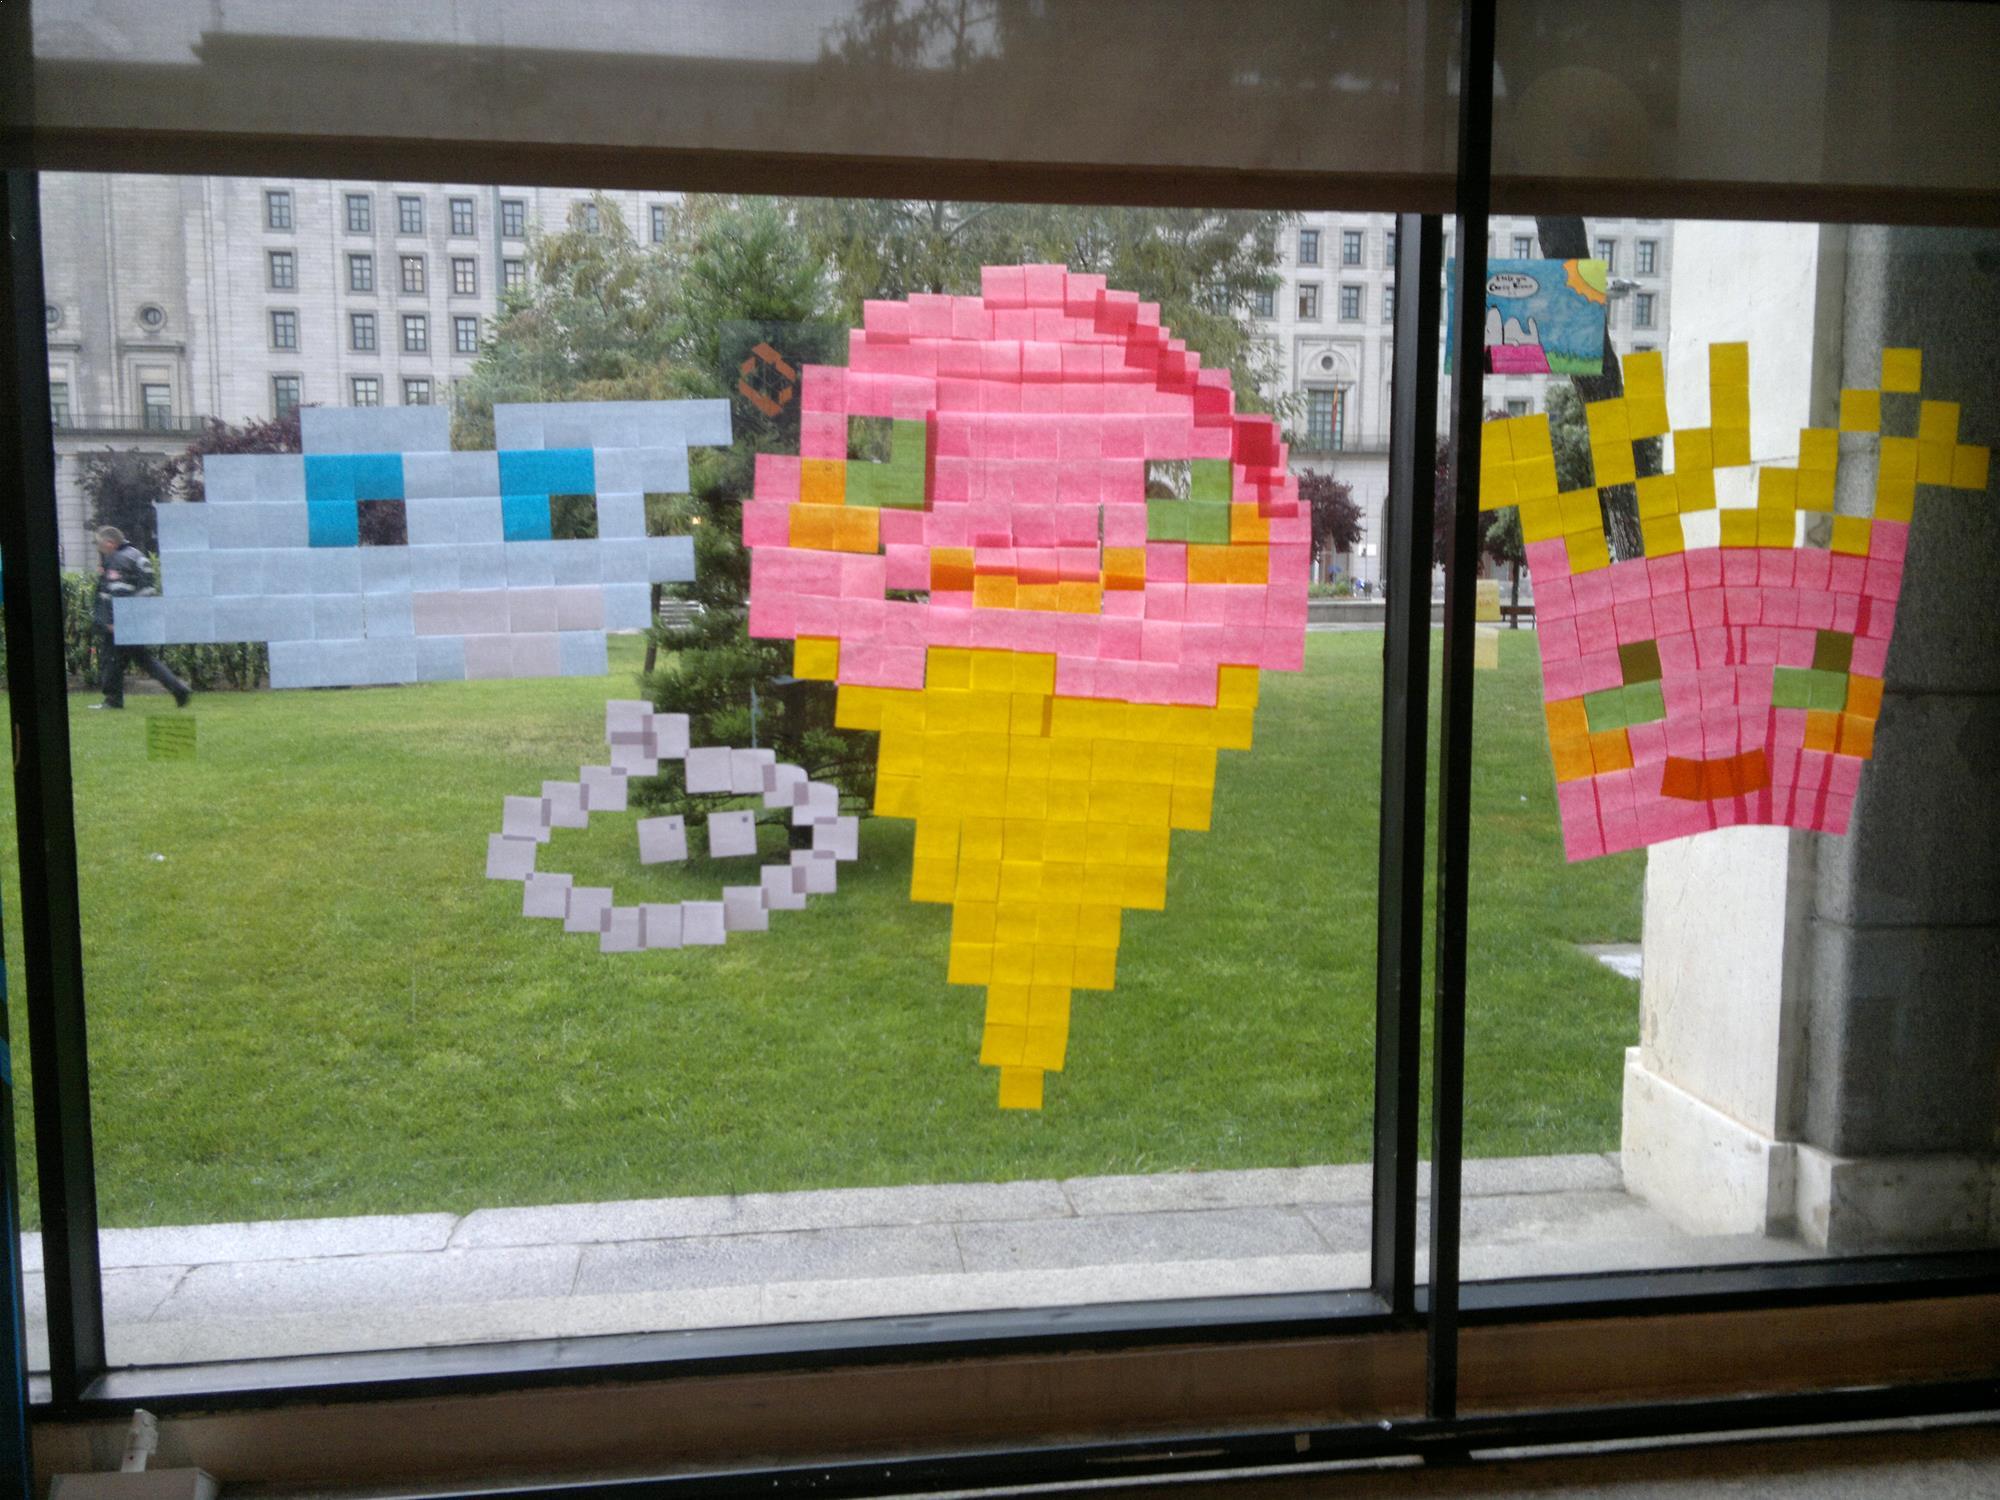 Procrastinar de rodriguez creando un mural de post its en la ventana. En este caso, estaba en nuevos ministerios en verano. Pixel art helado, nube y french fries